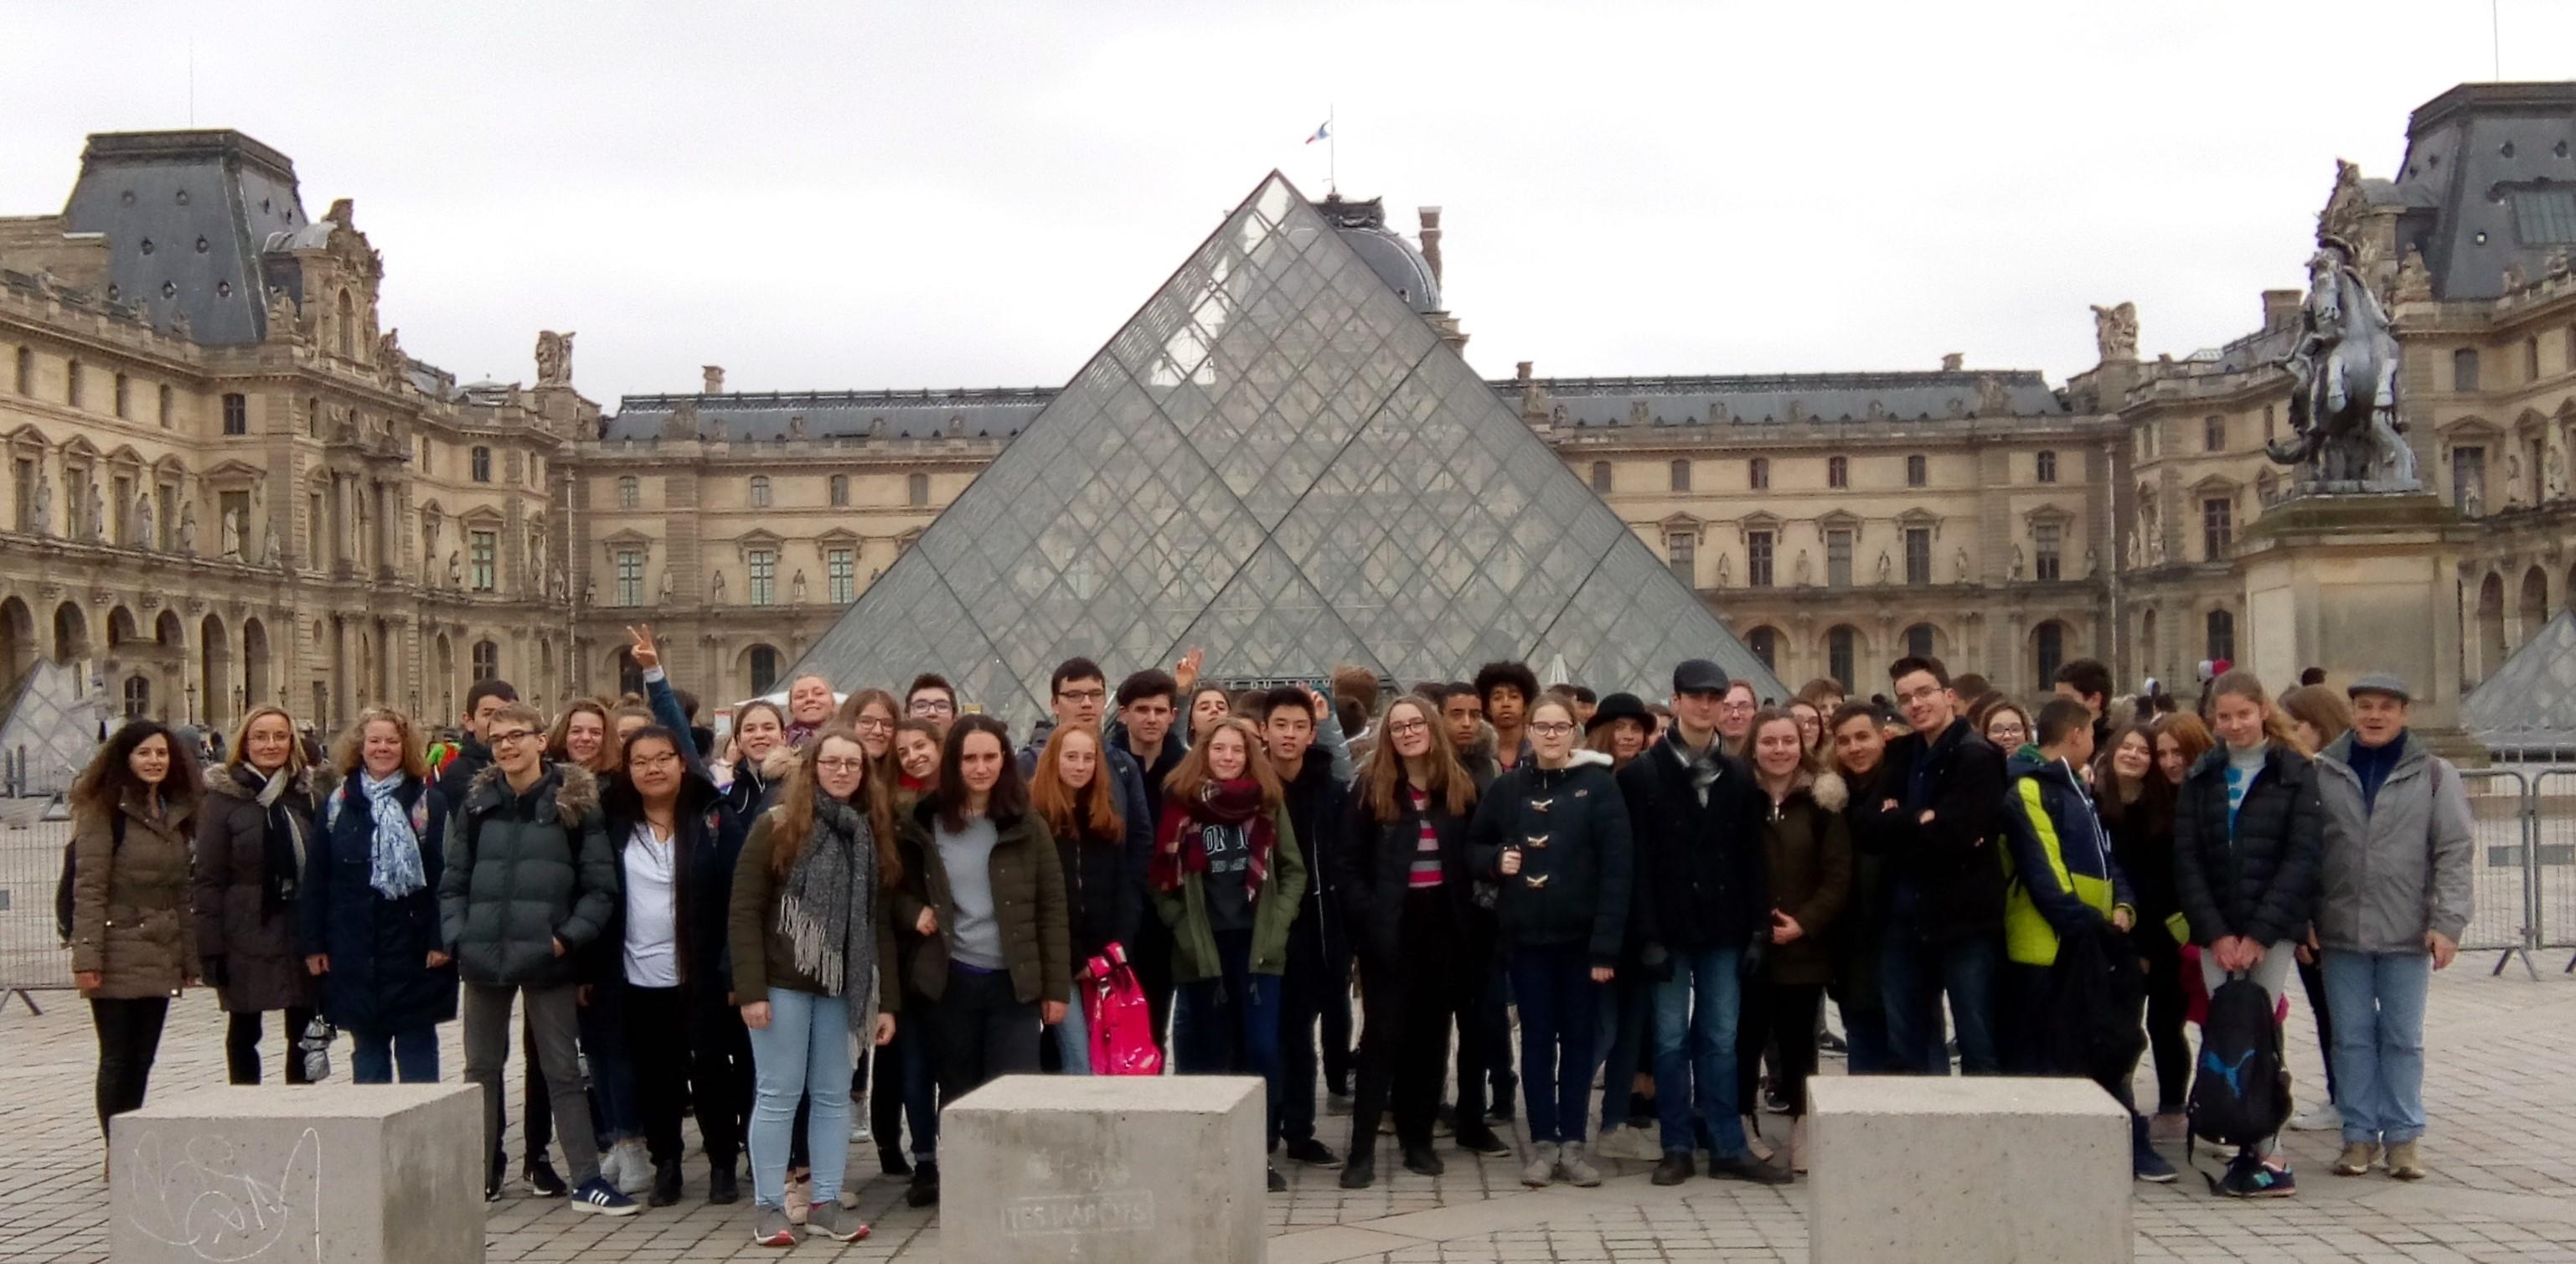 Pyramide groupe